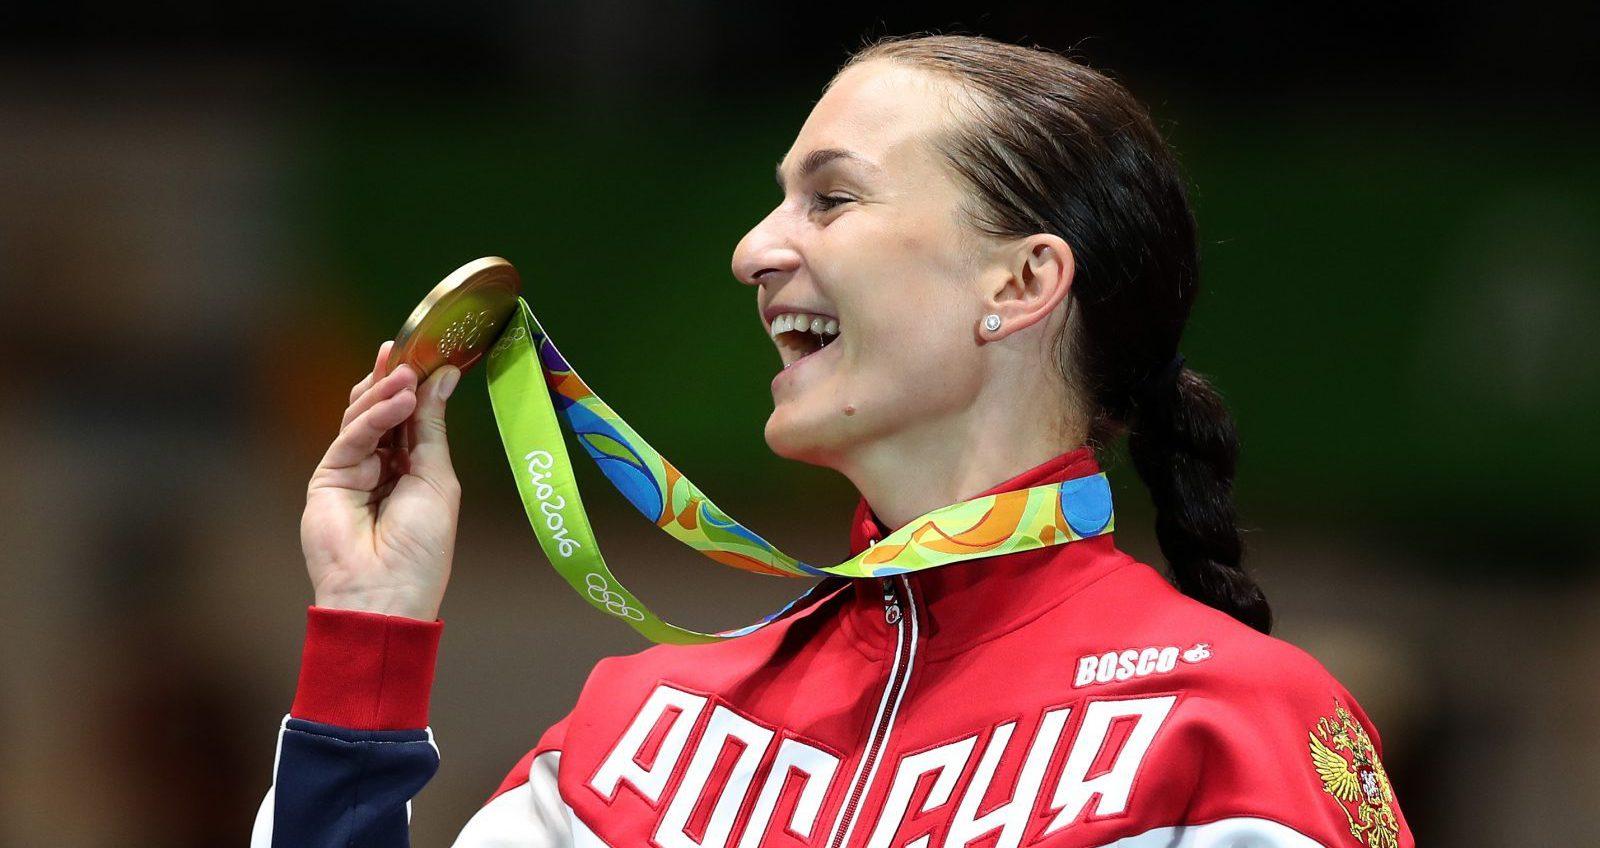 Софья Великая: Стать знаменосцем российской команды – это доверие и огромная честь - фото